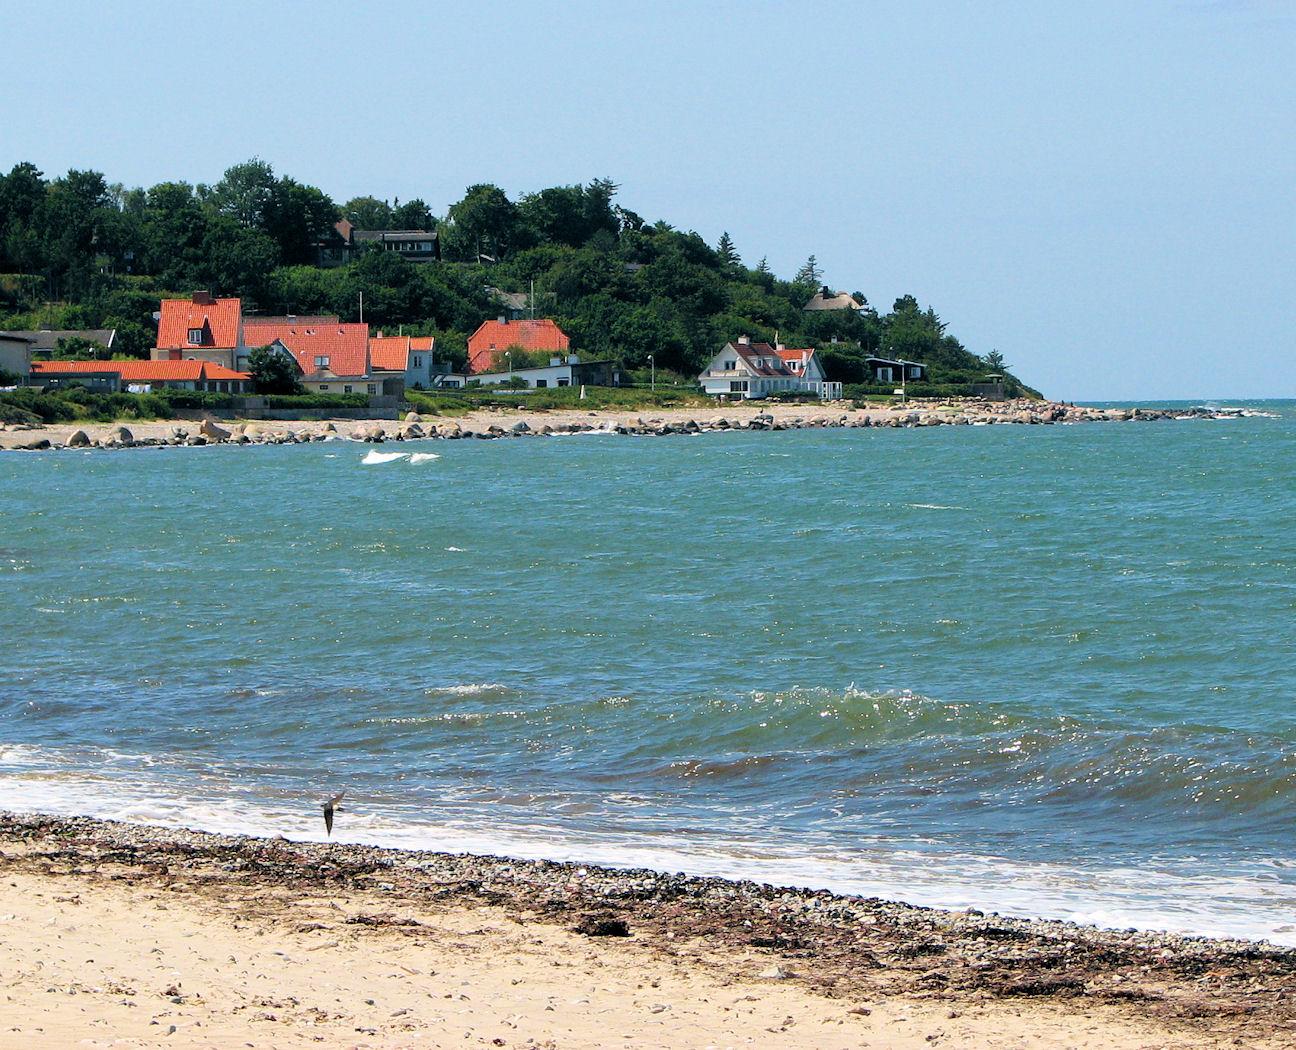 Kattegat Sea